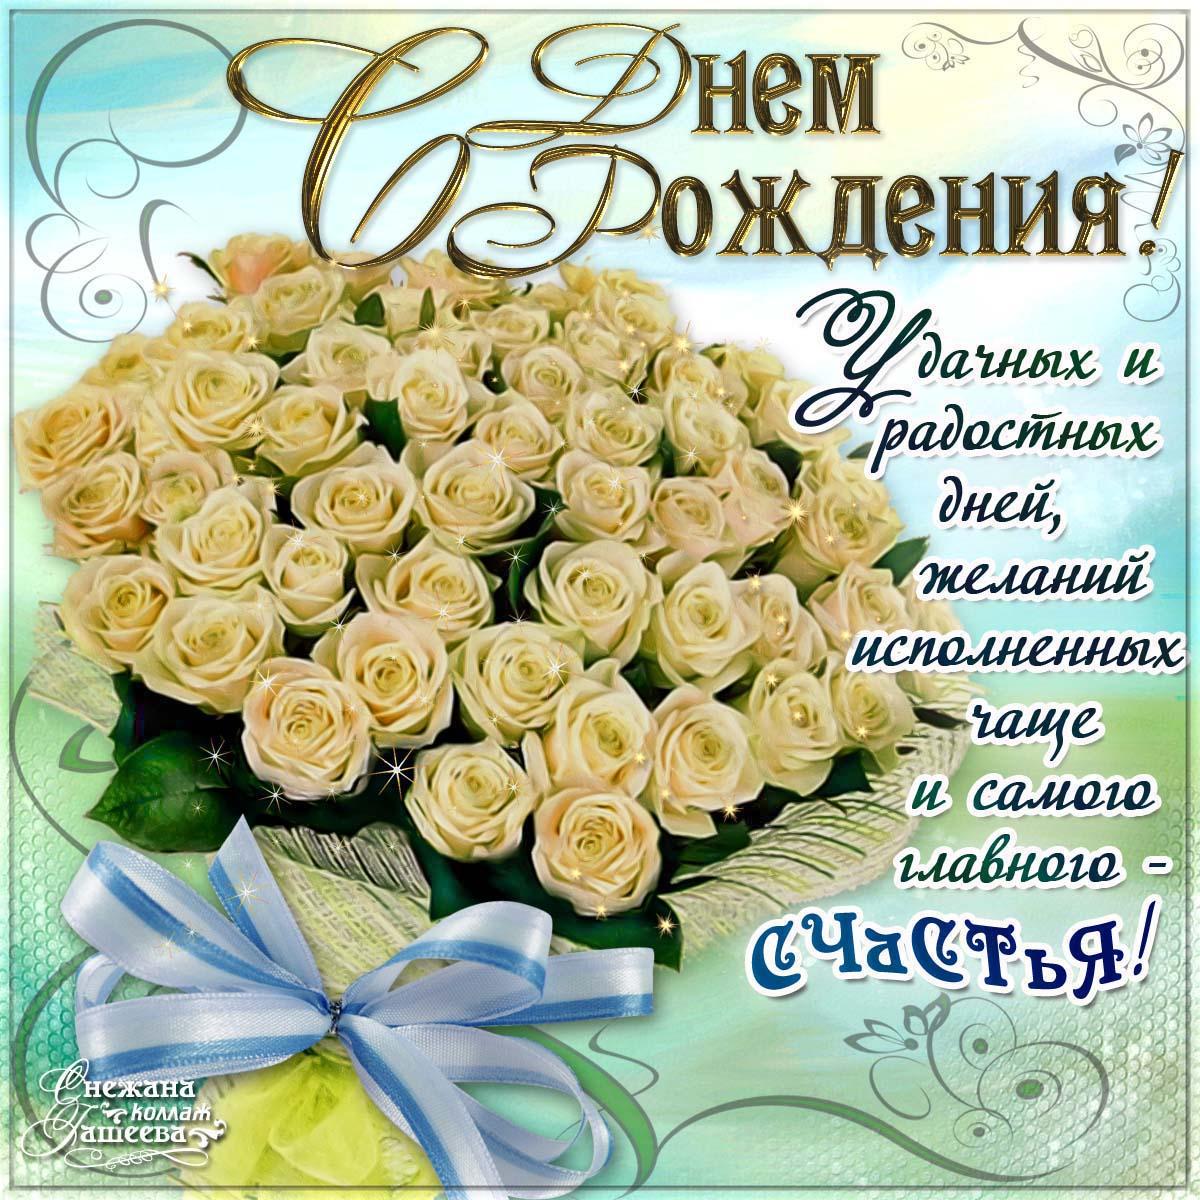 Поздравление, с днем рождения пожилой женщине открытки красивые